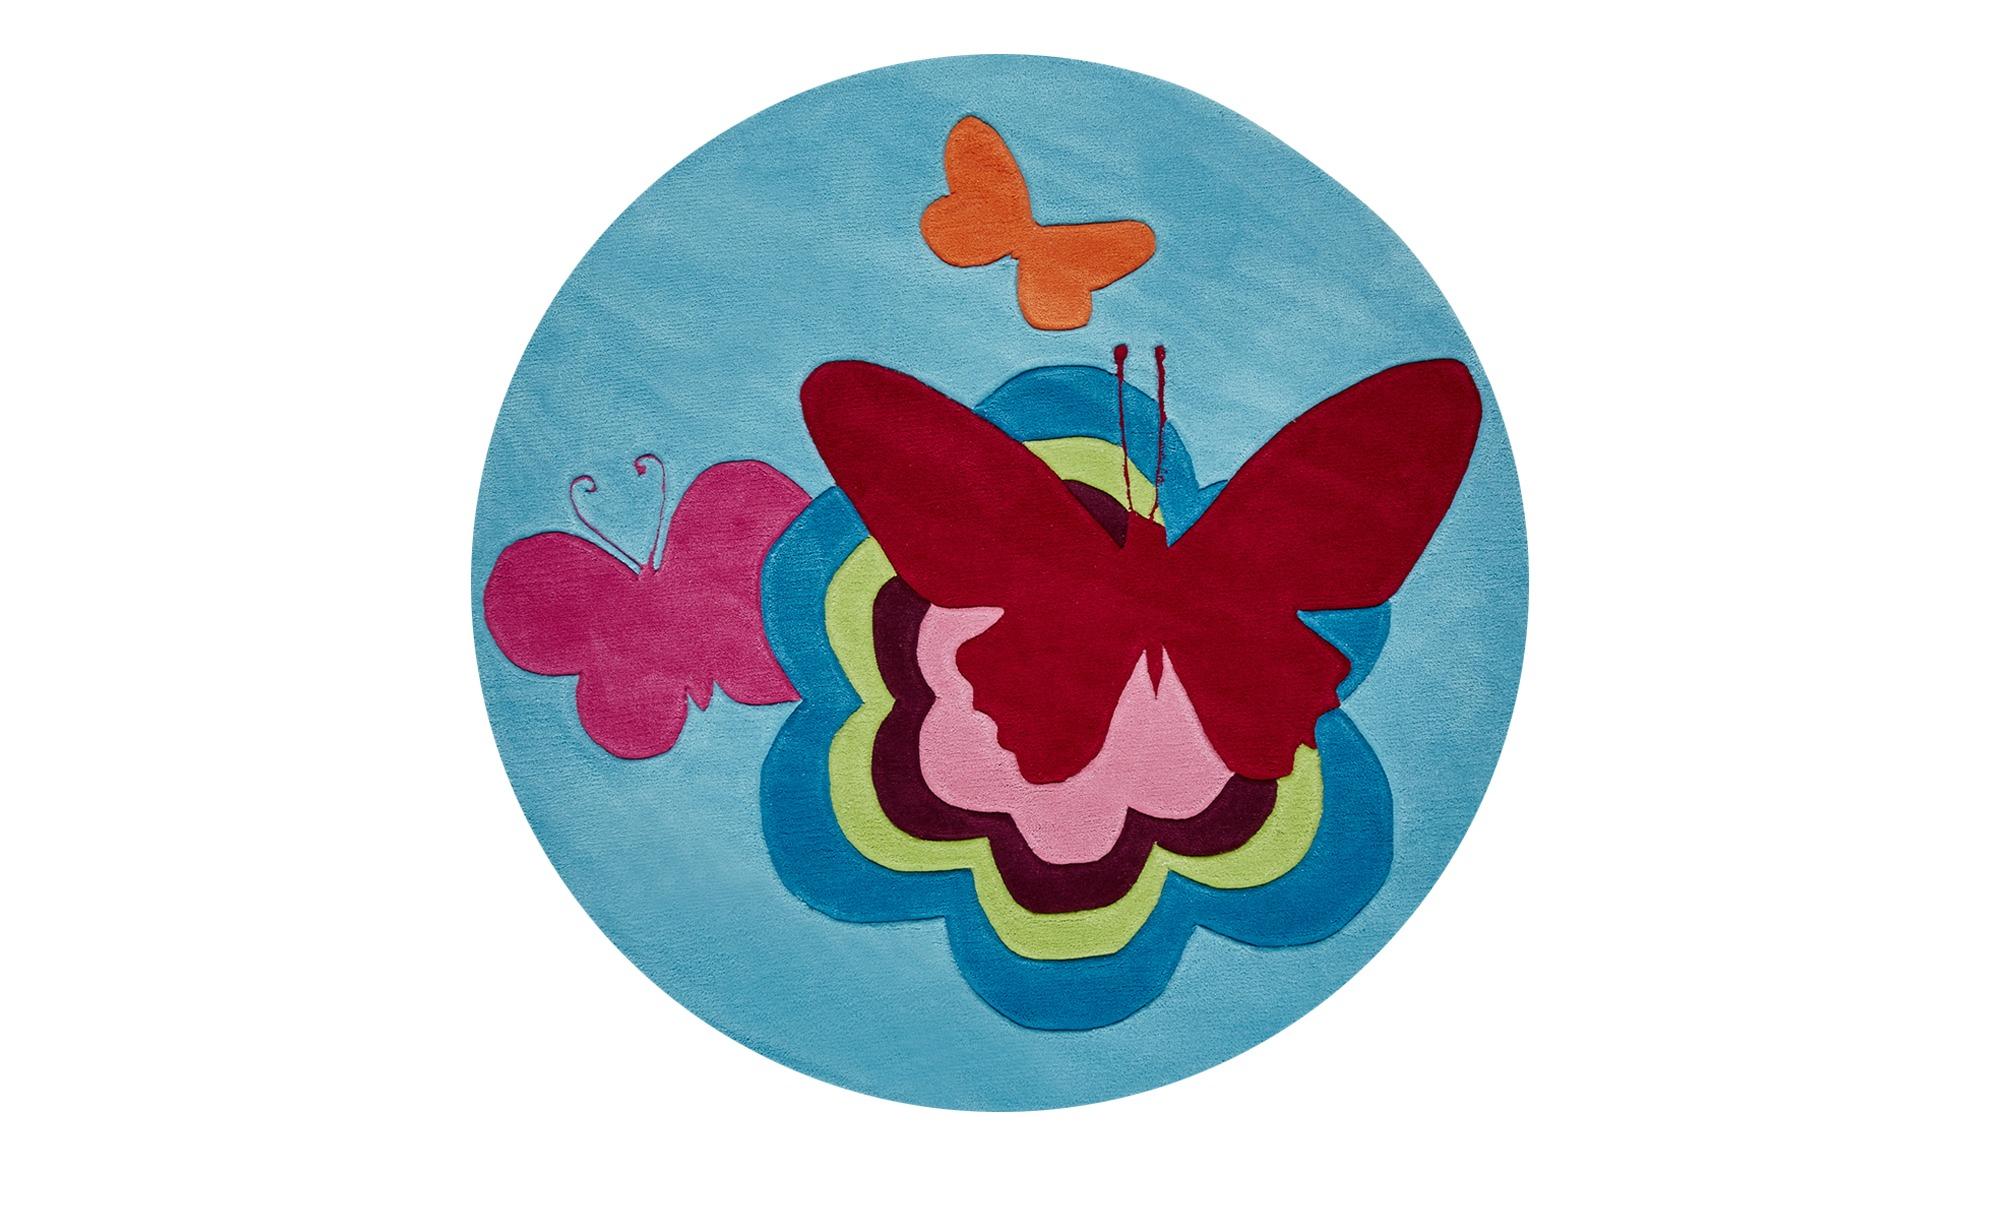 Esprit Handtuft-Teppich  Butterflies ¦ mehrfarbig ¦ Synthethische Fasern, 100 % PolyacrylØ: [100.0] Teppiche > Kinderteppiche - Höffner